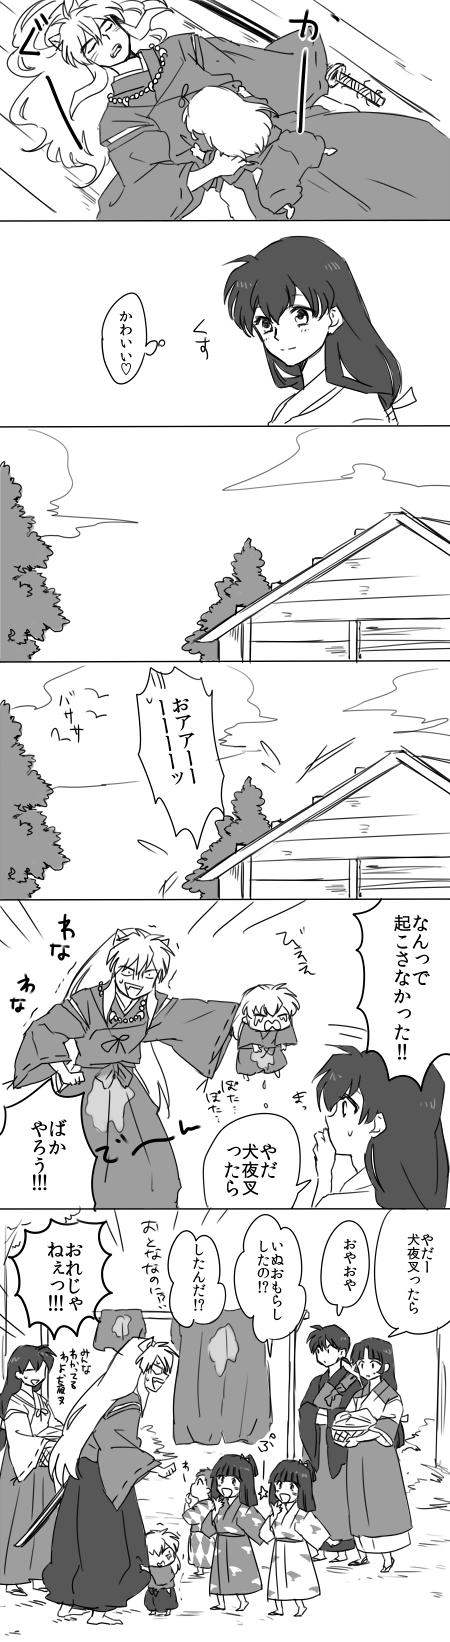 おねしょ bowwowo 犬夜叉 漫画 犬夜叉 イラスト 犬夜叉 殺生丸